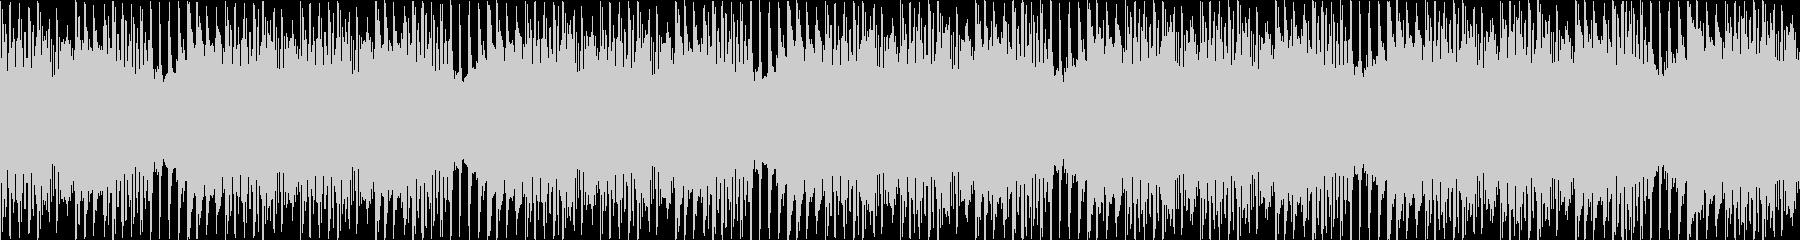 マリンバ/ピアノ/ループ/動画BGM用2の未再生の波形